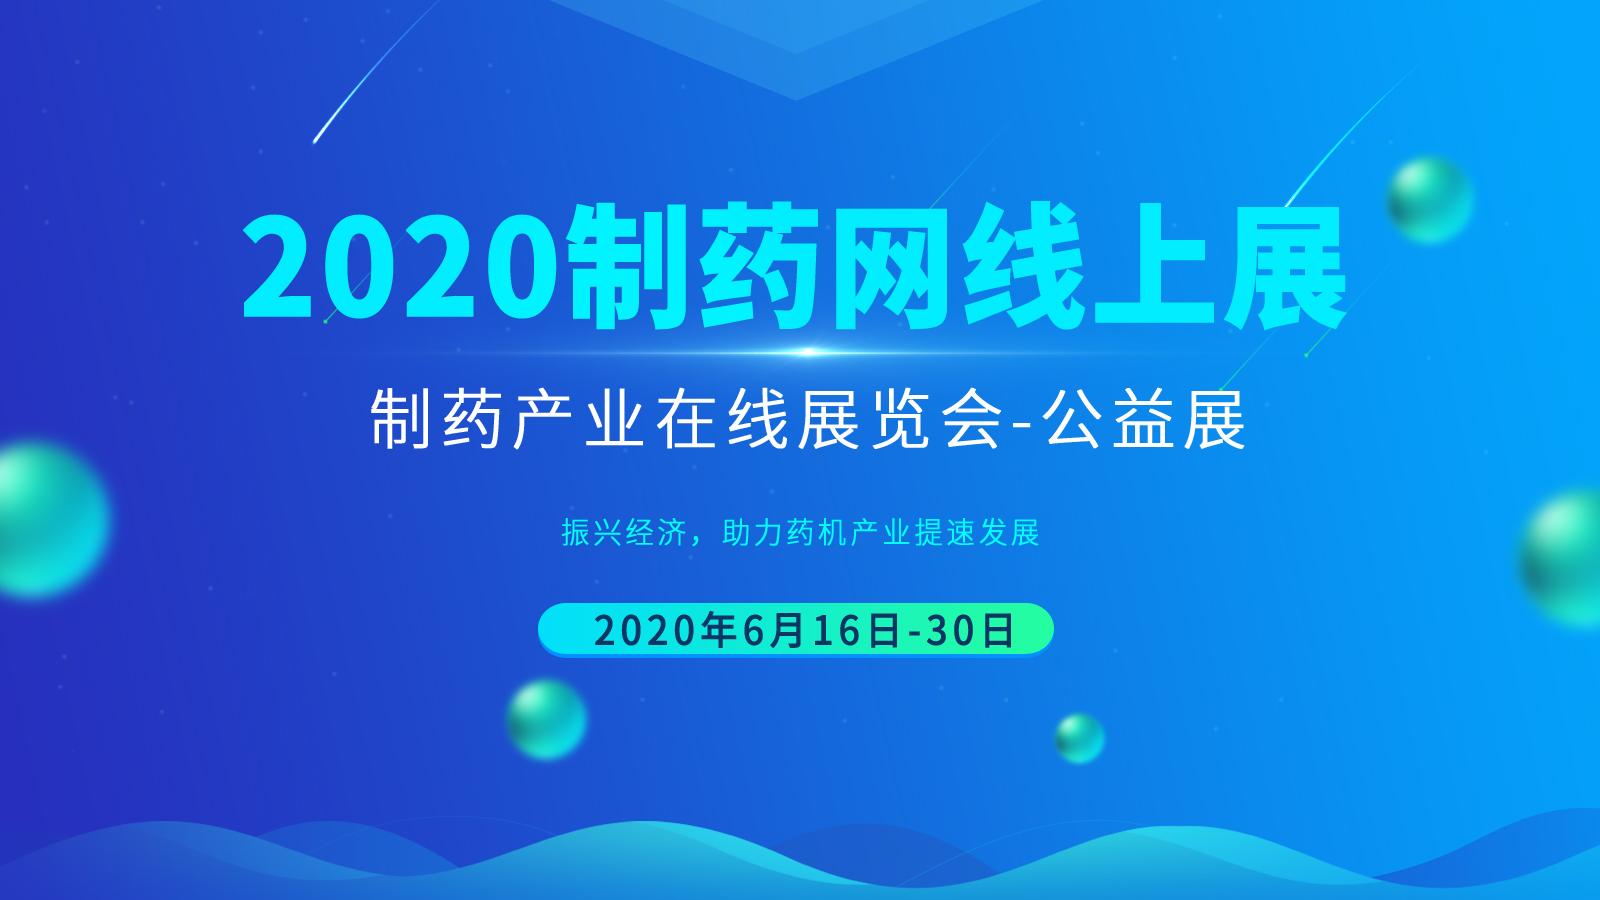 2020制藥網免費線上展會優勢快閃